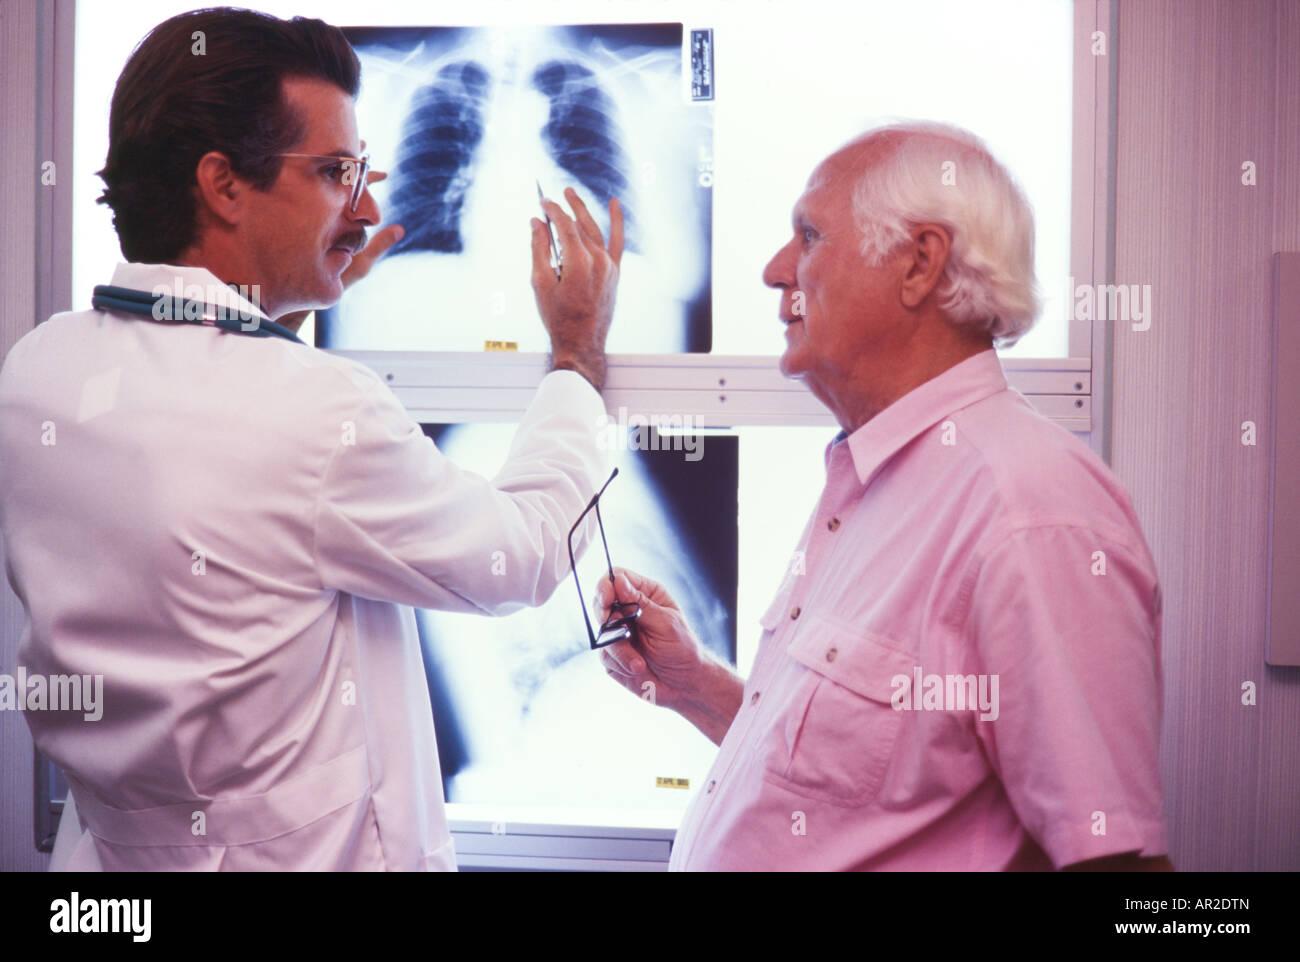 Arzt und Seniorl Patienten, körperliche Untersuchung, Röntgenaufnahmen, Miami anschauen Stockbild